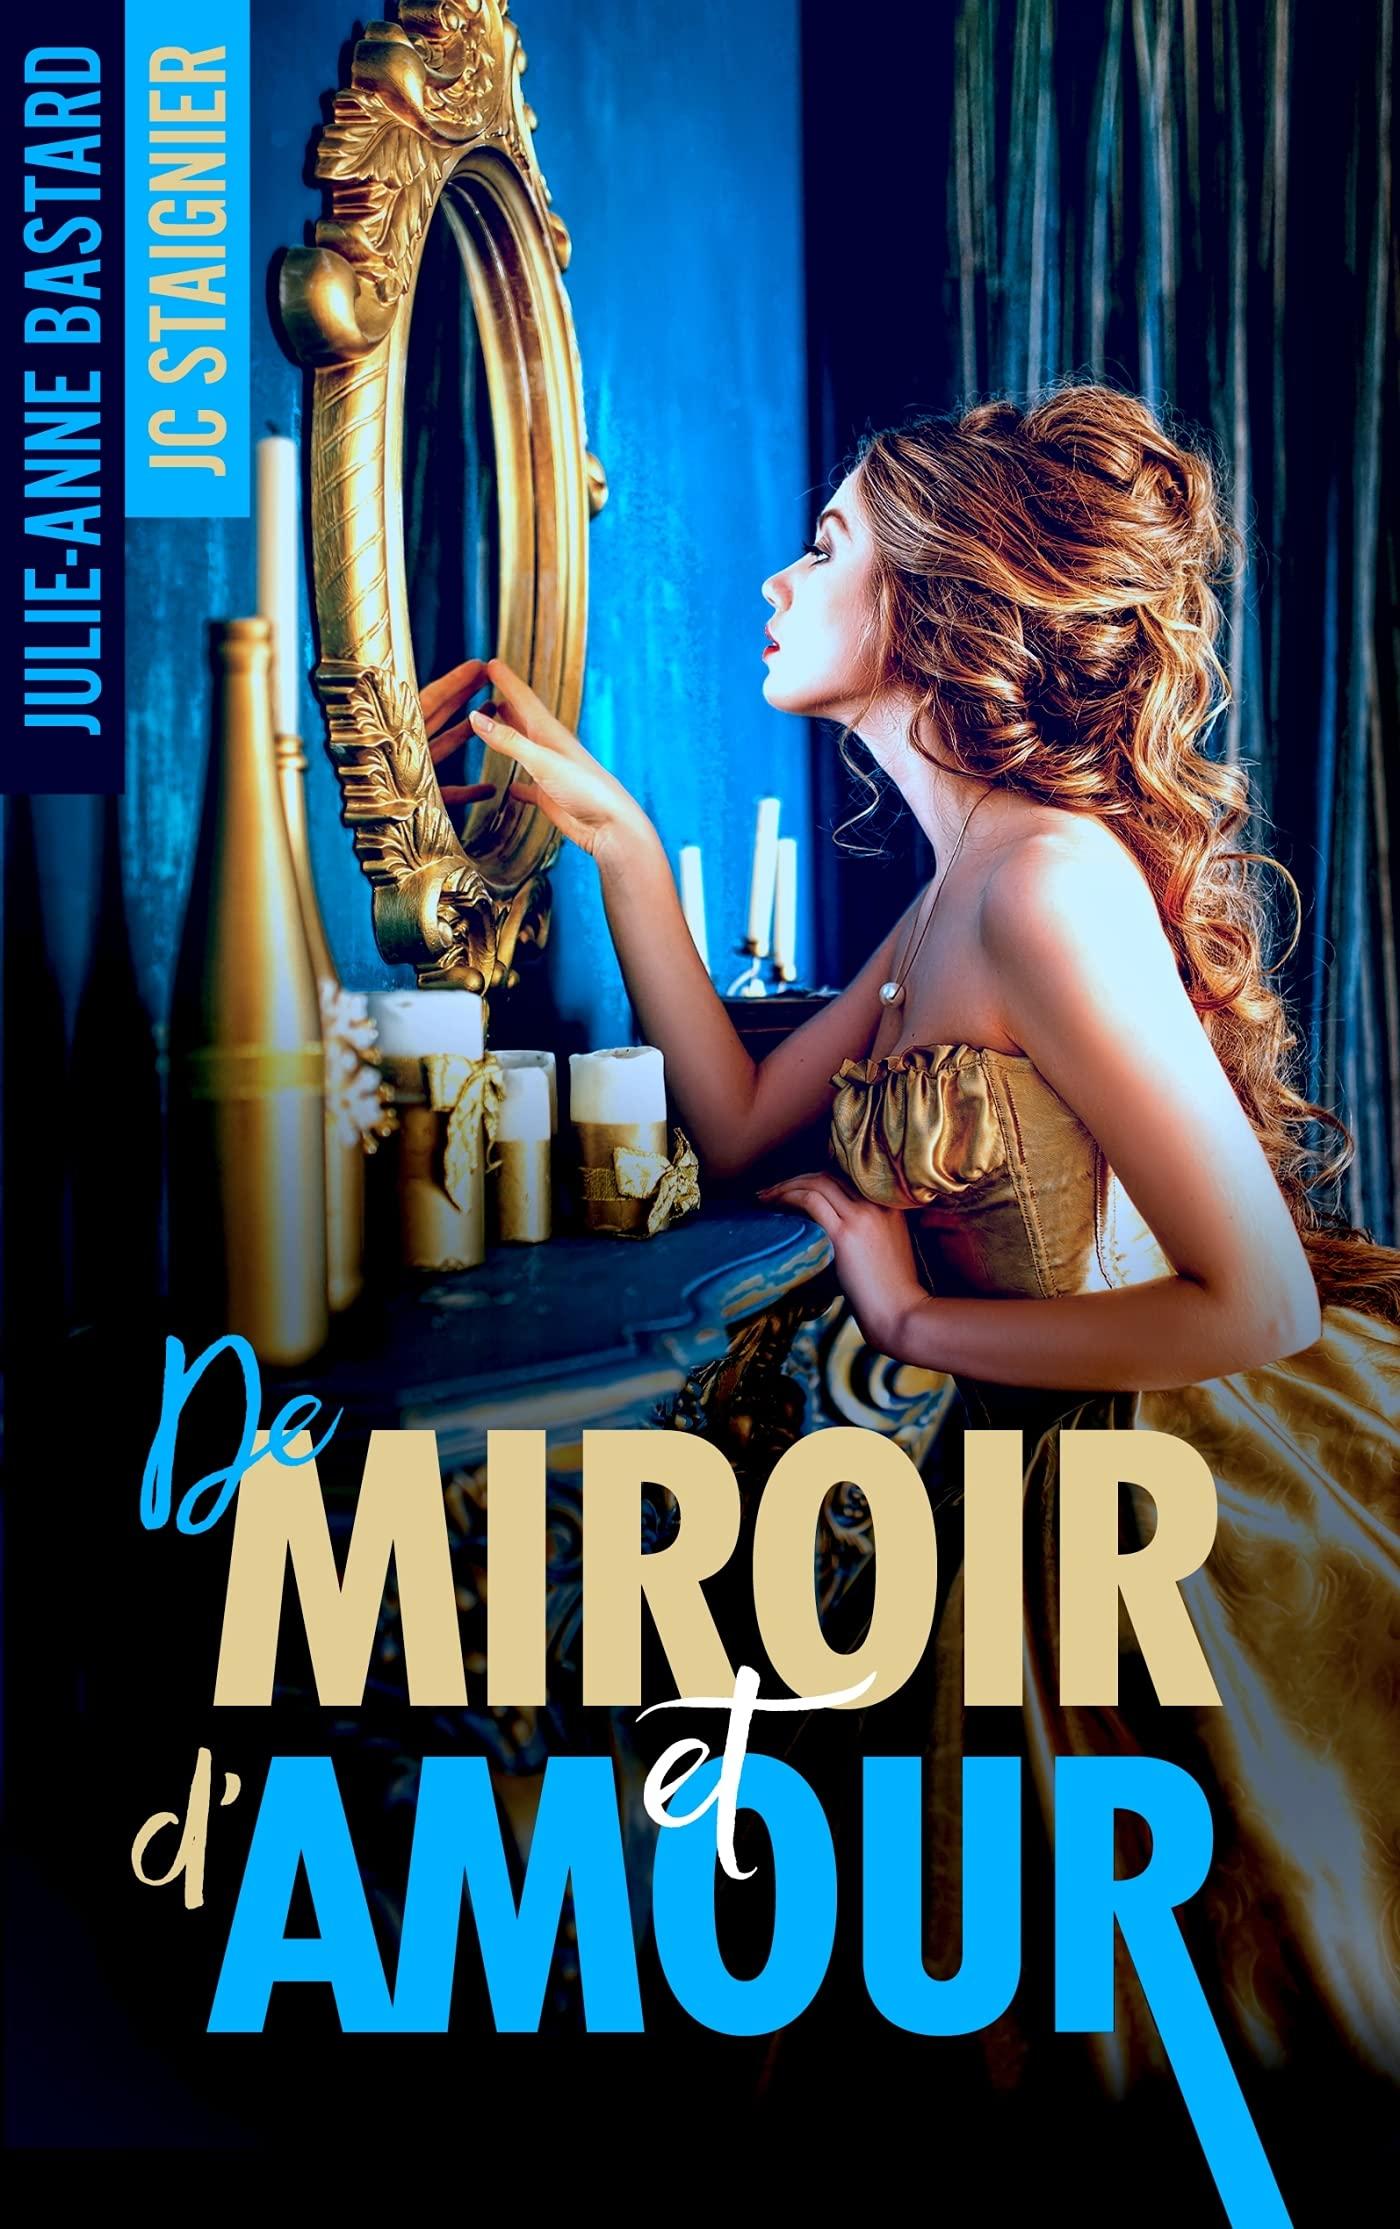 De miroir et d'amour de Julie-Anne Bastard et JC Staignier